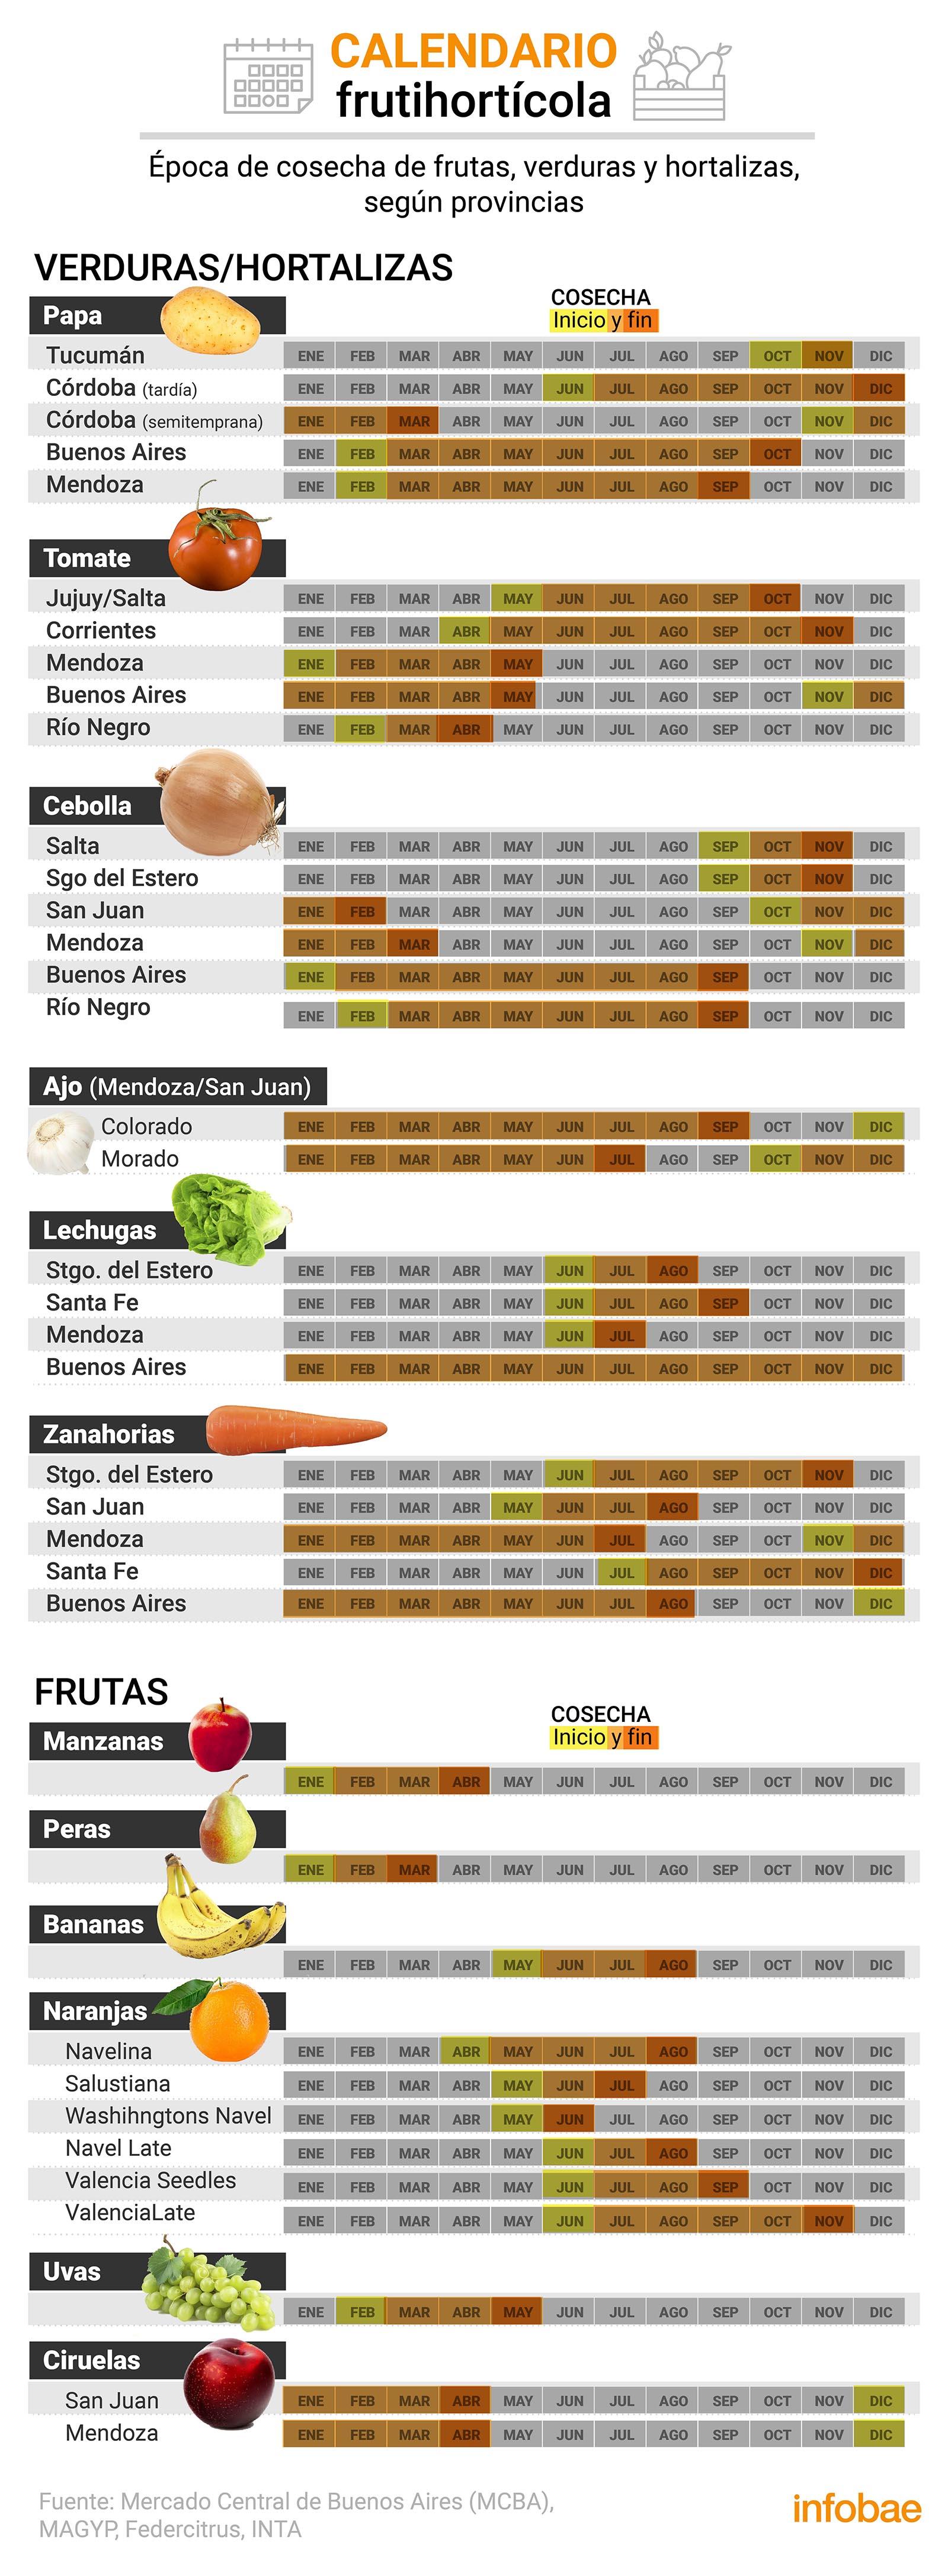 Cuando el precio de una fruta o verdura sube mucho, es cuestión de esperar un tiempo